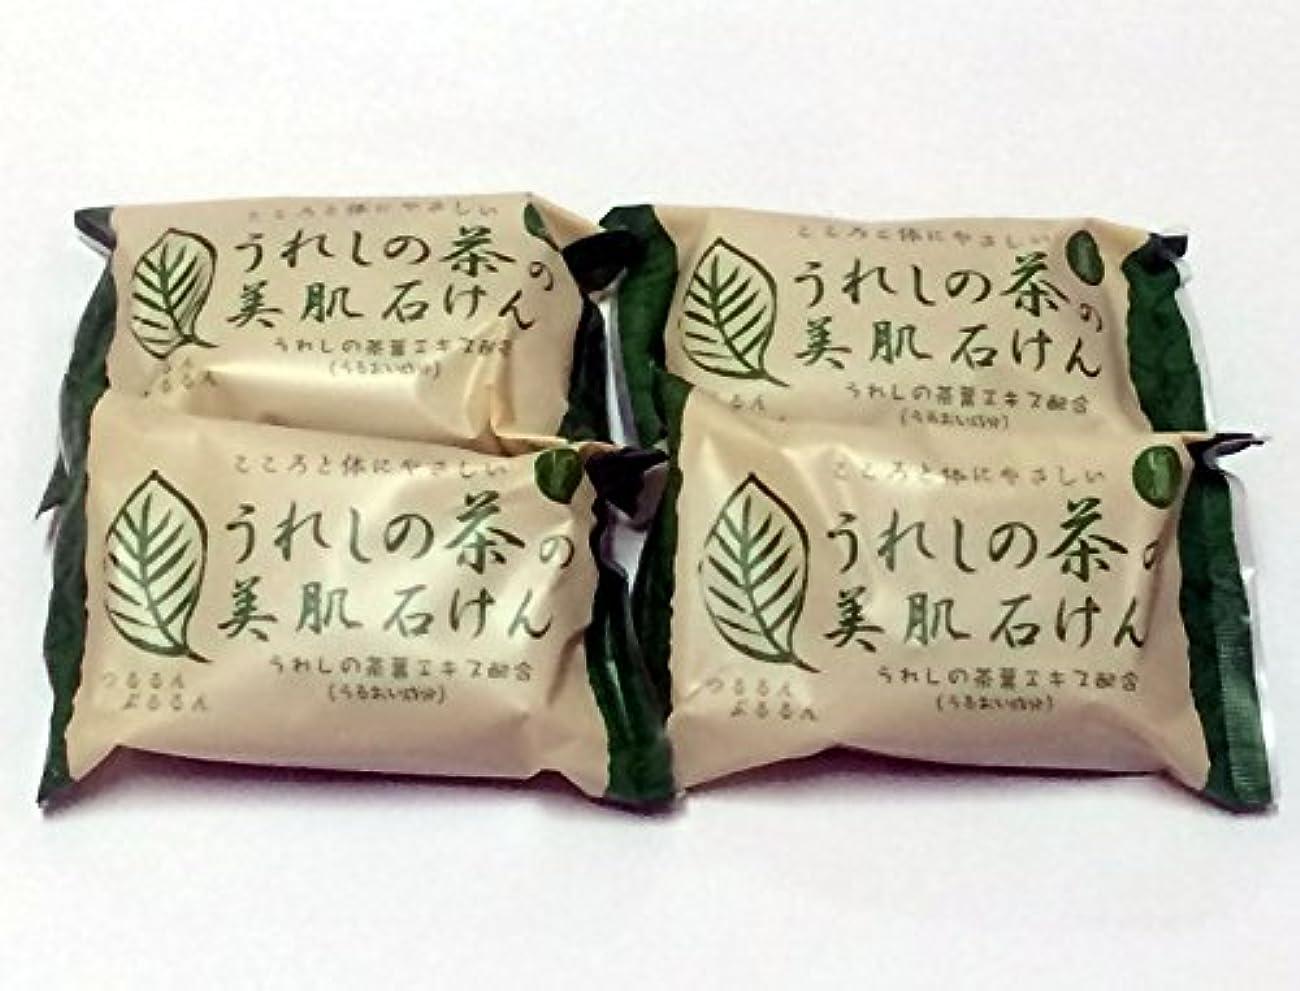 によって束破壊する日本三大美肌の湯嬉野温泉 うれしの茶の美肌石けん4個セット